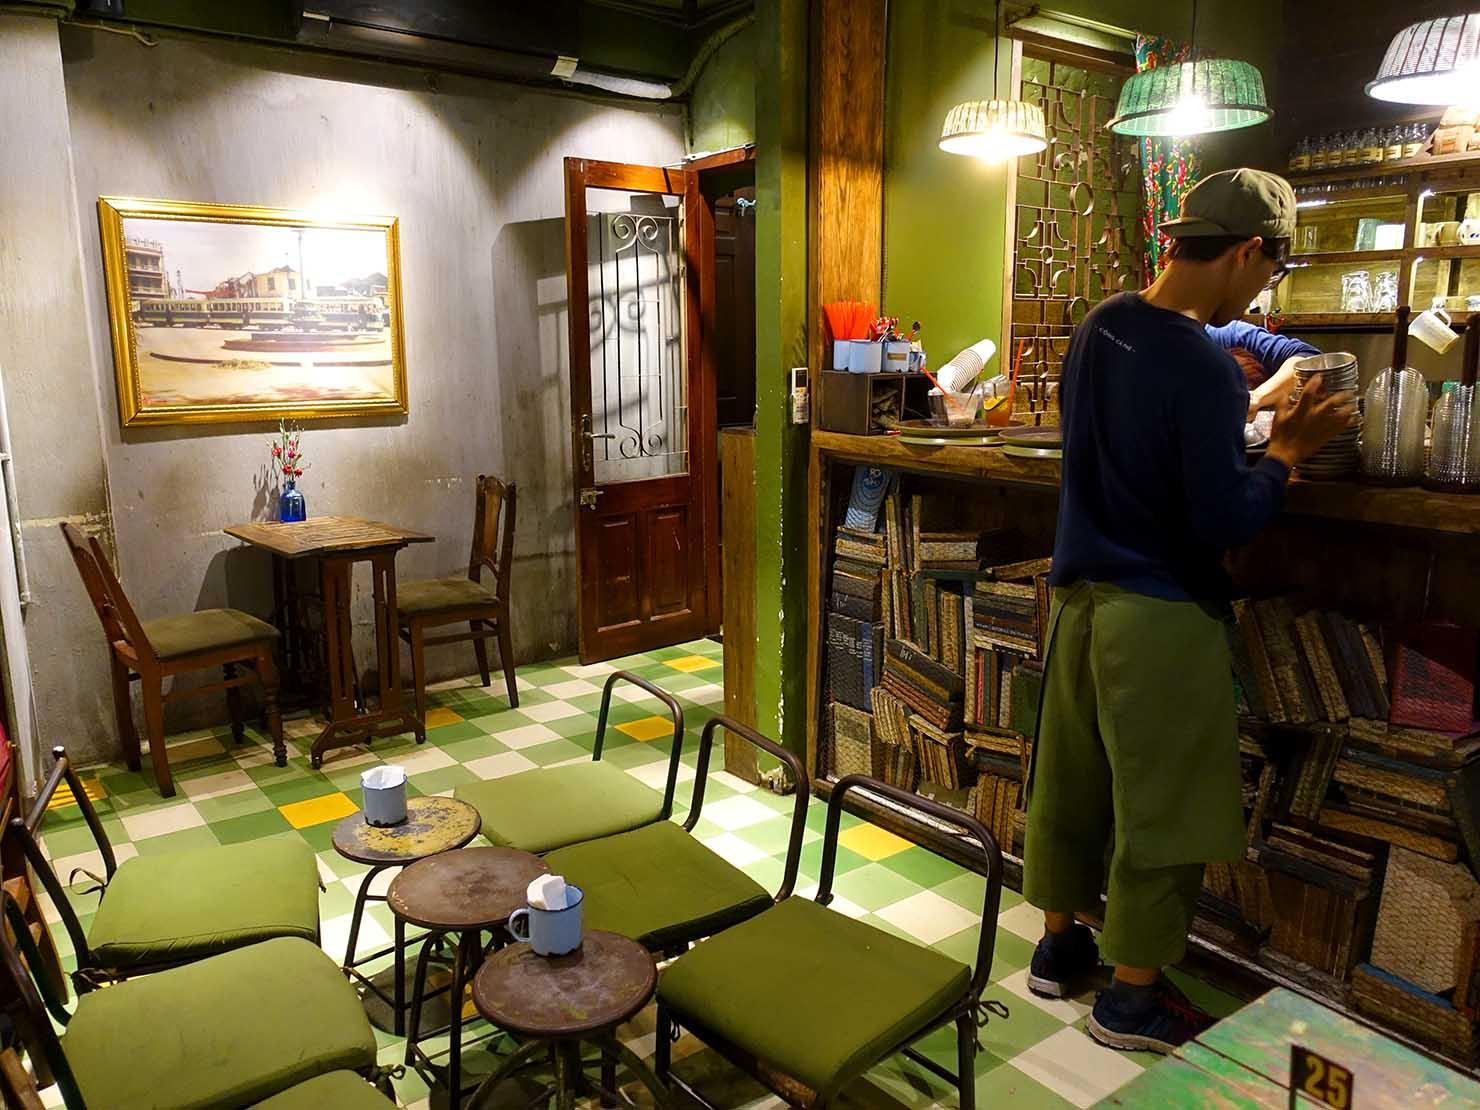 ベトナム・ハノイ旧市街にあるカフェチェーン「cong caphe」の店内